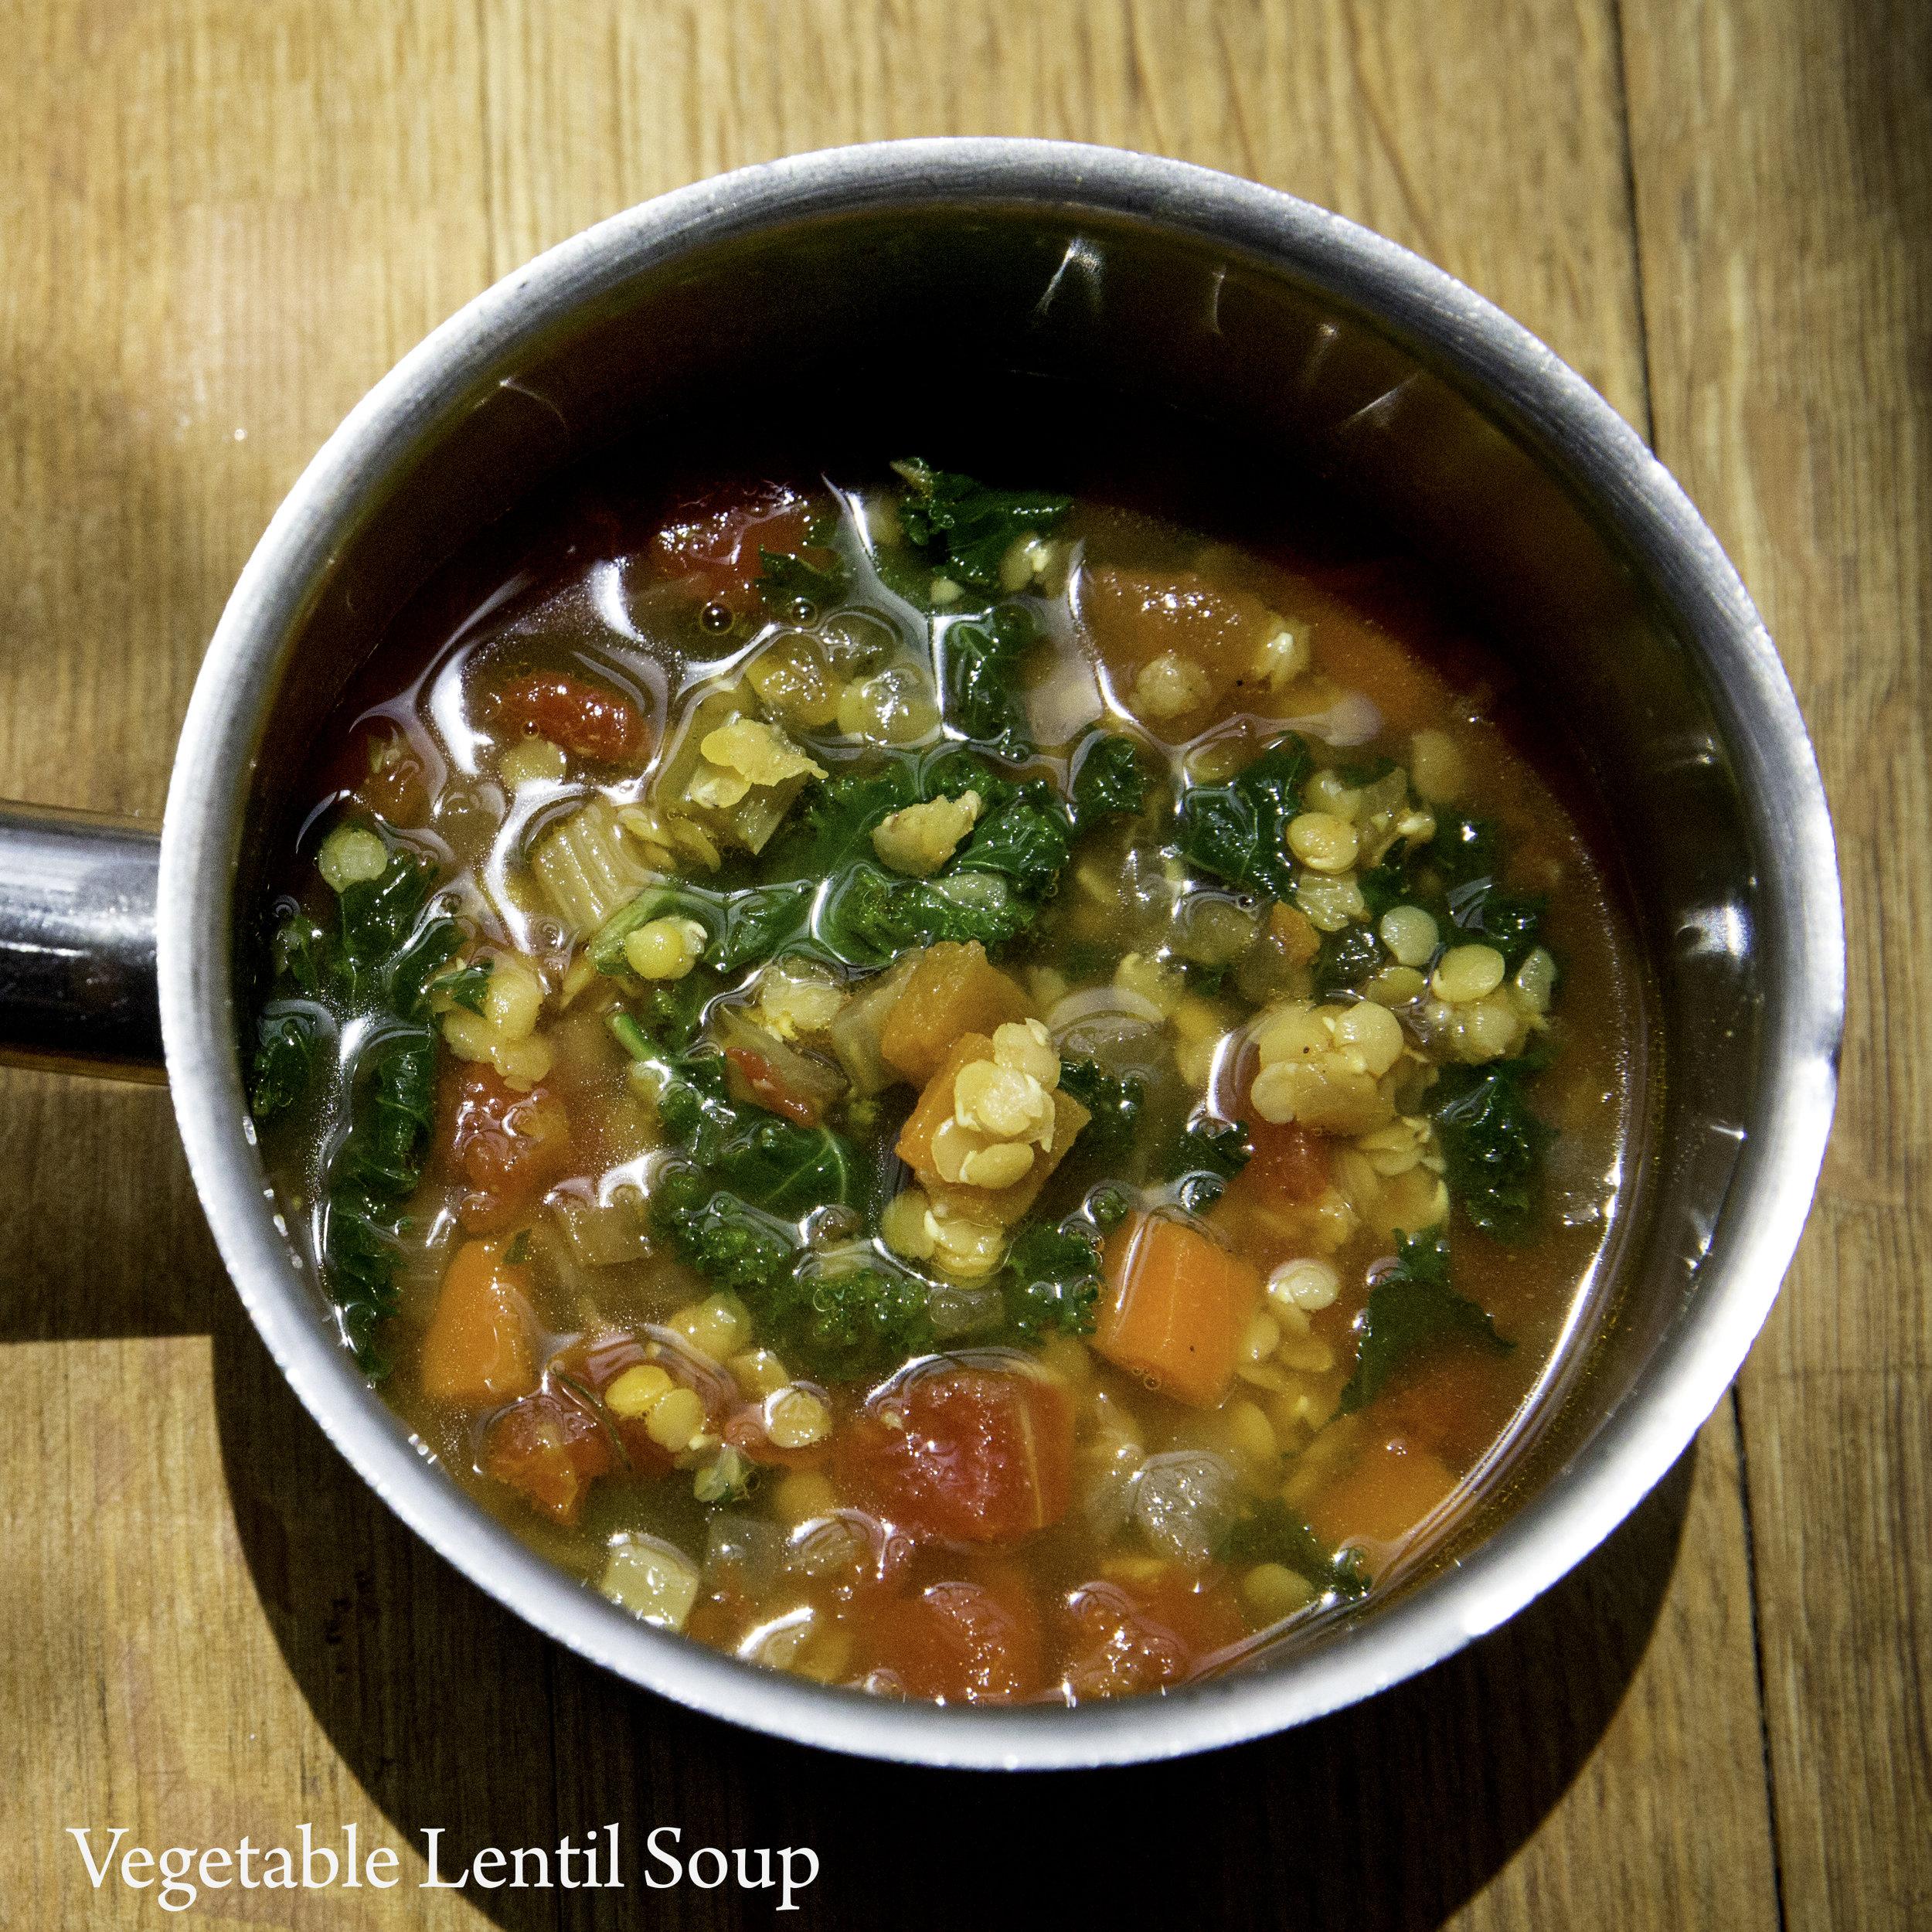 Products-Vegetable Lentil Soup.jpg